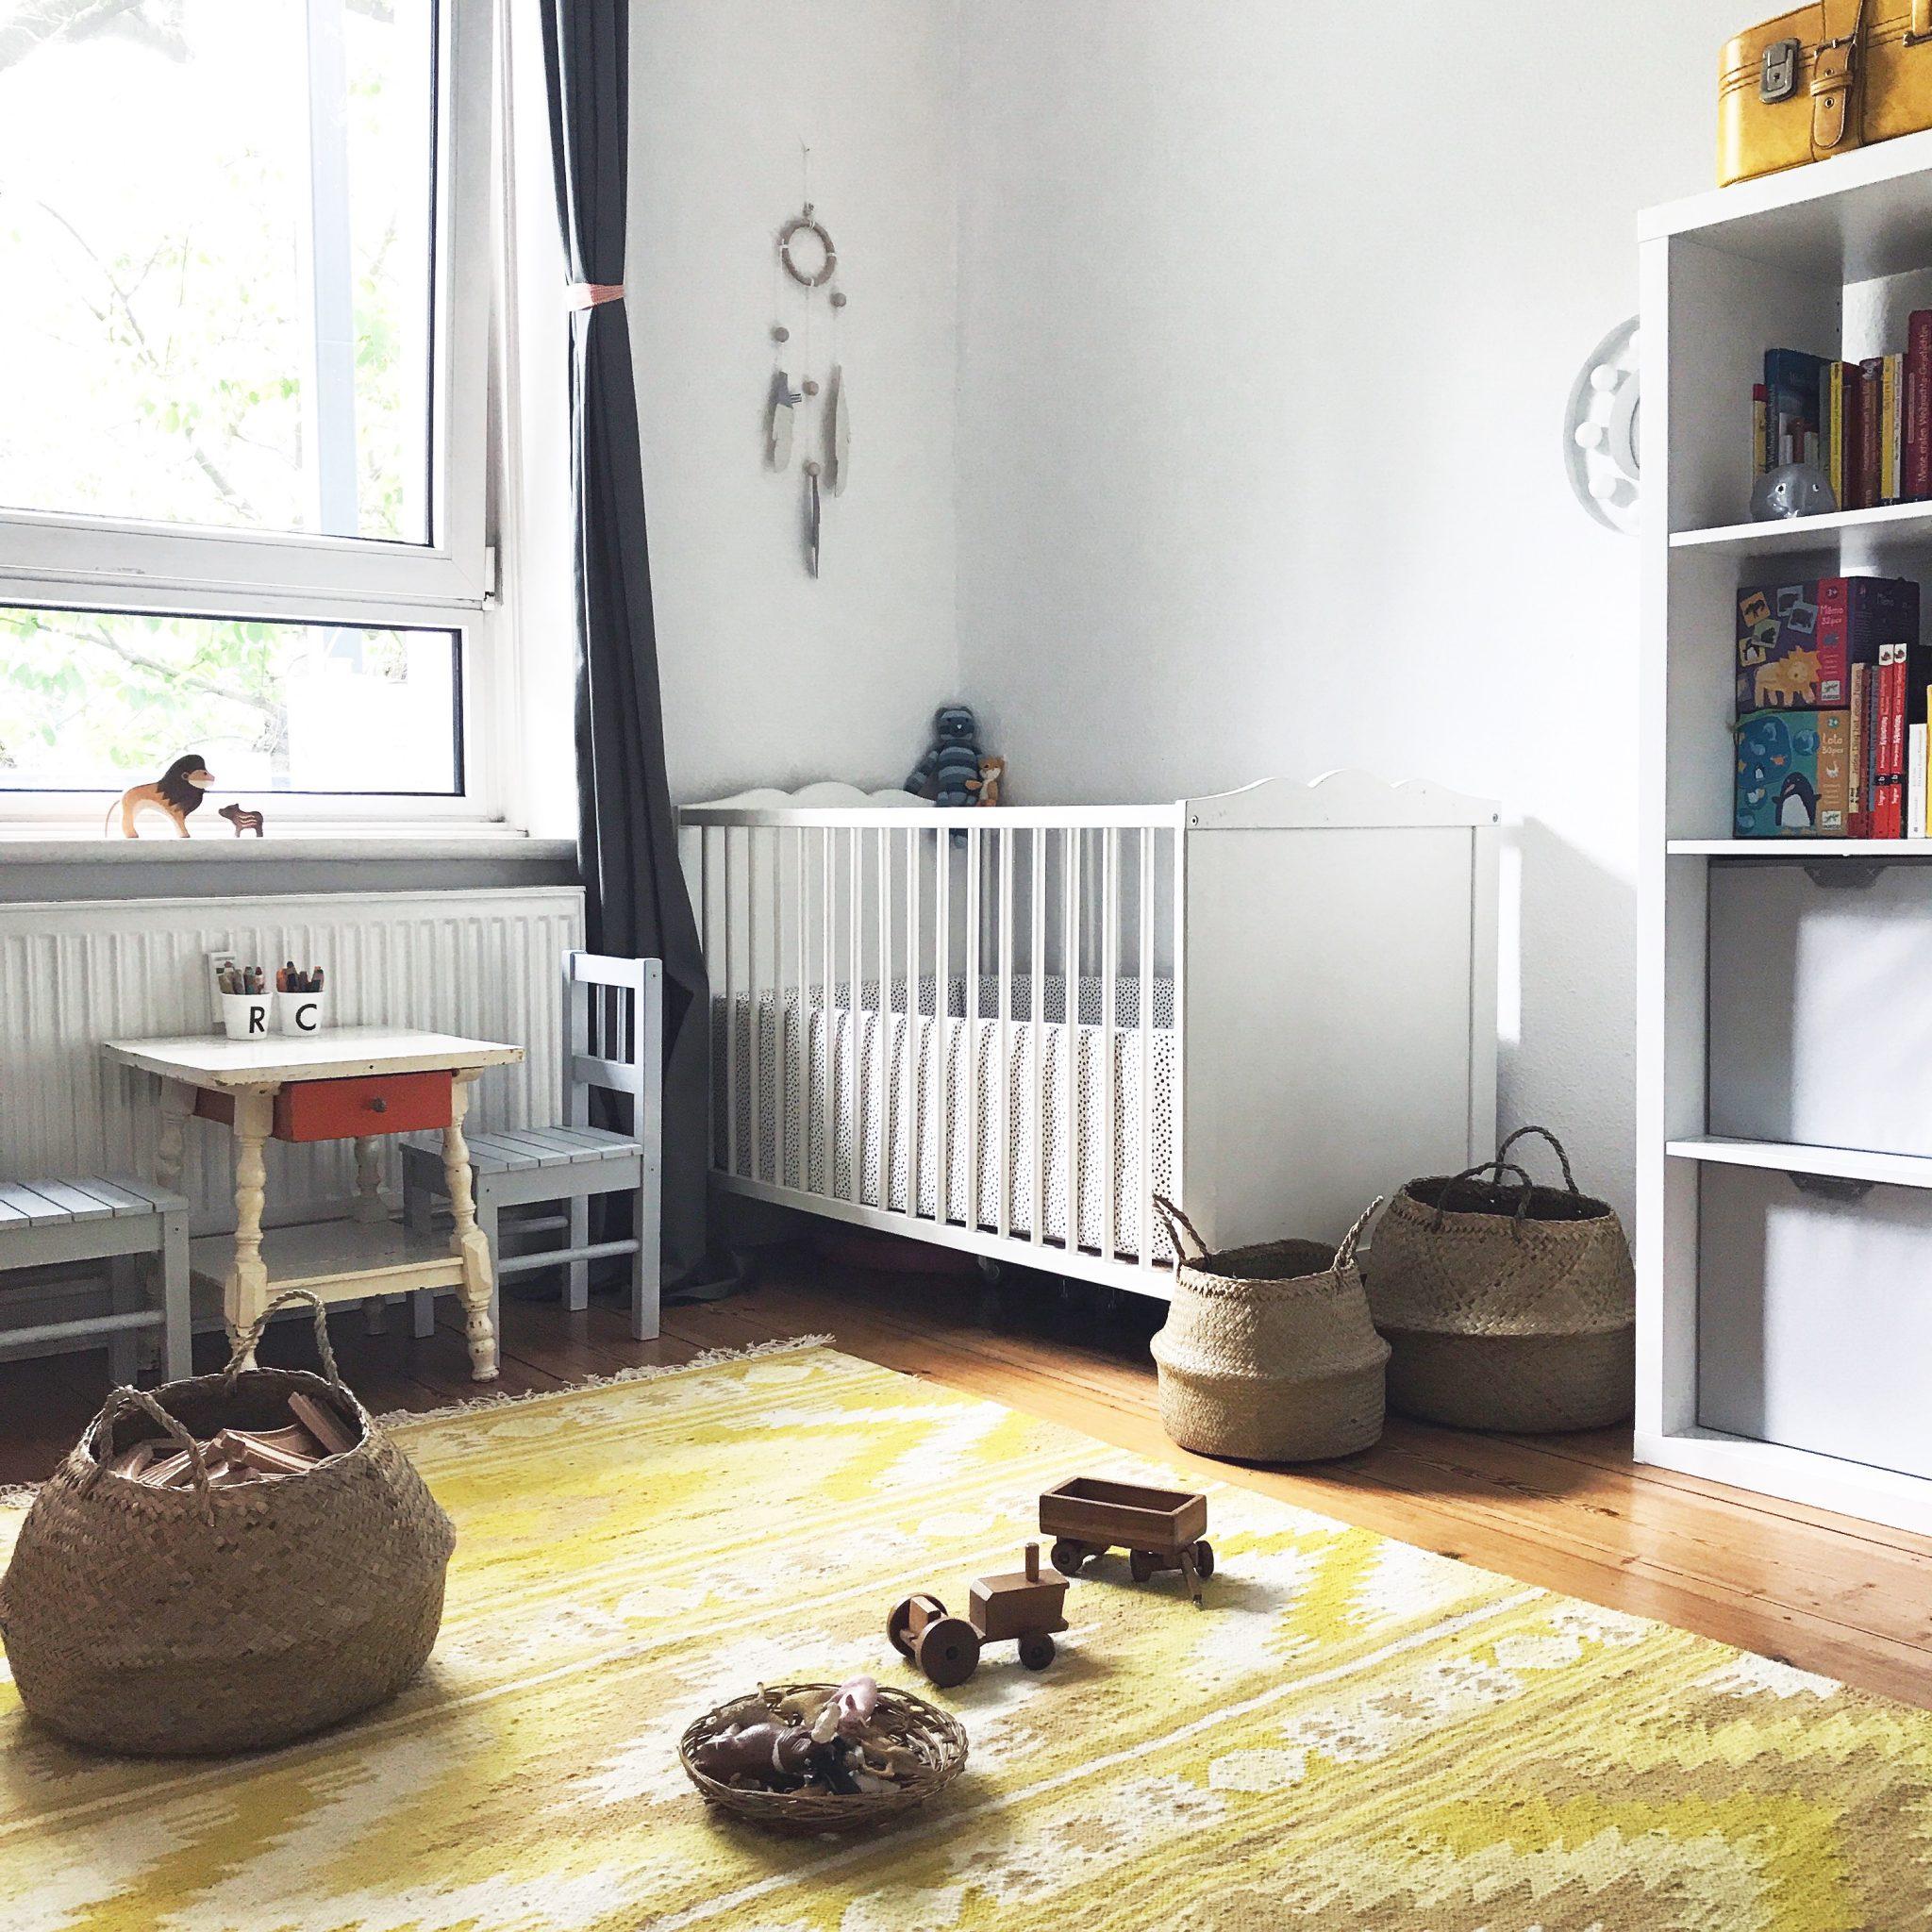 Full Size of Einrichtung Kinderzimmer Unser Und Ein Paar Einfache Montessori Sofa Regale Regal Weiß Kinderzimmer Einrichtung Kinderzimmer